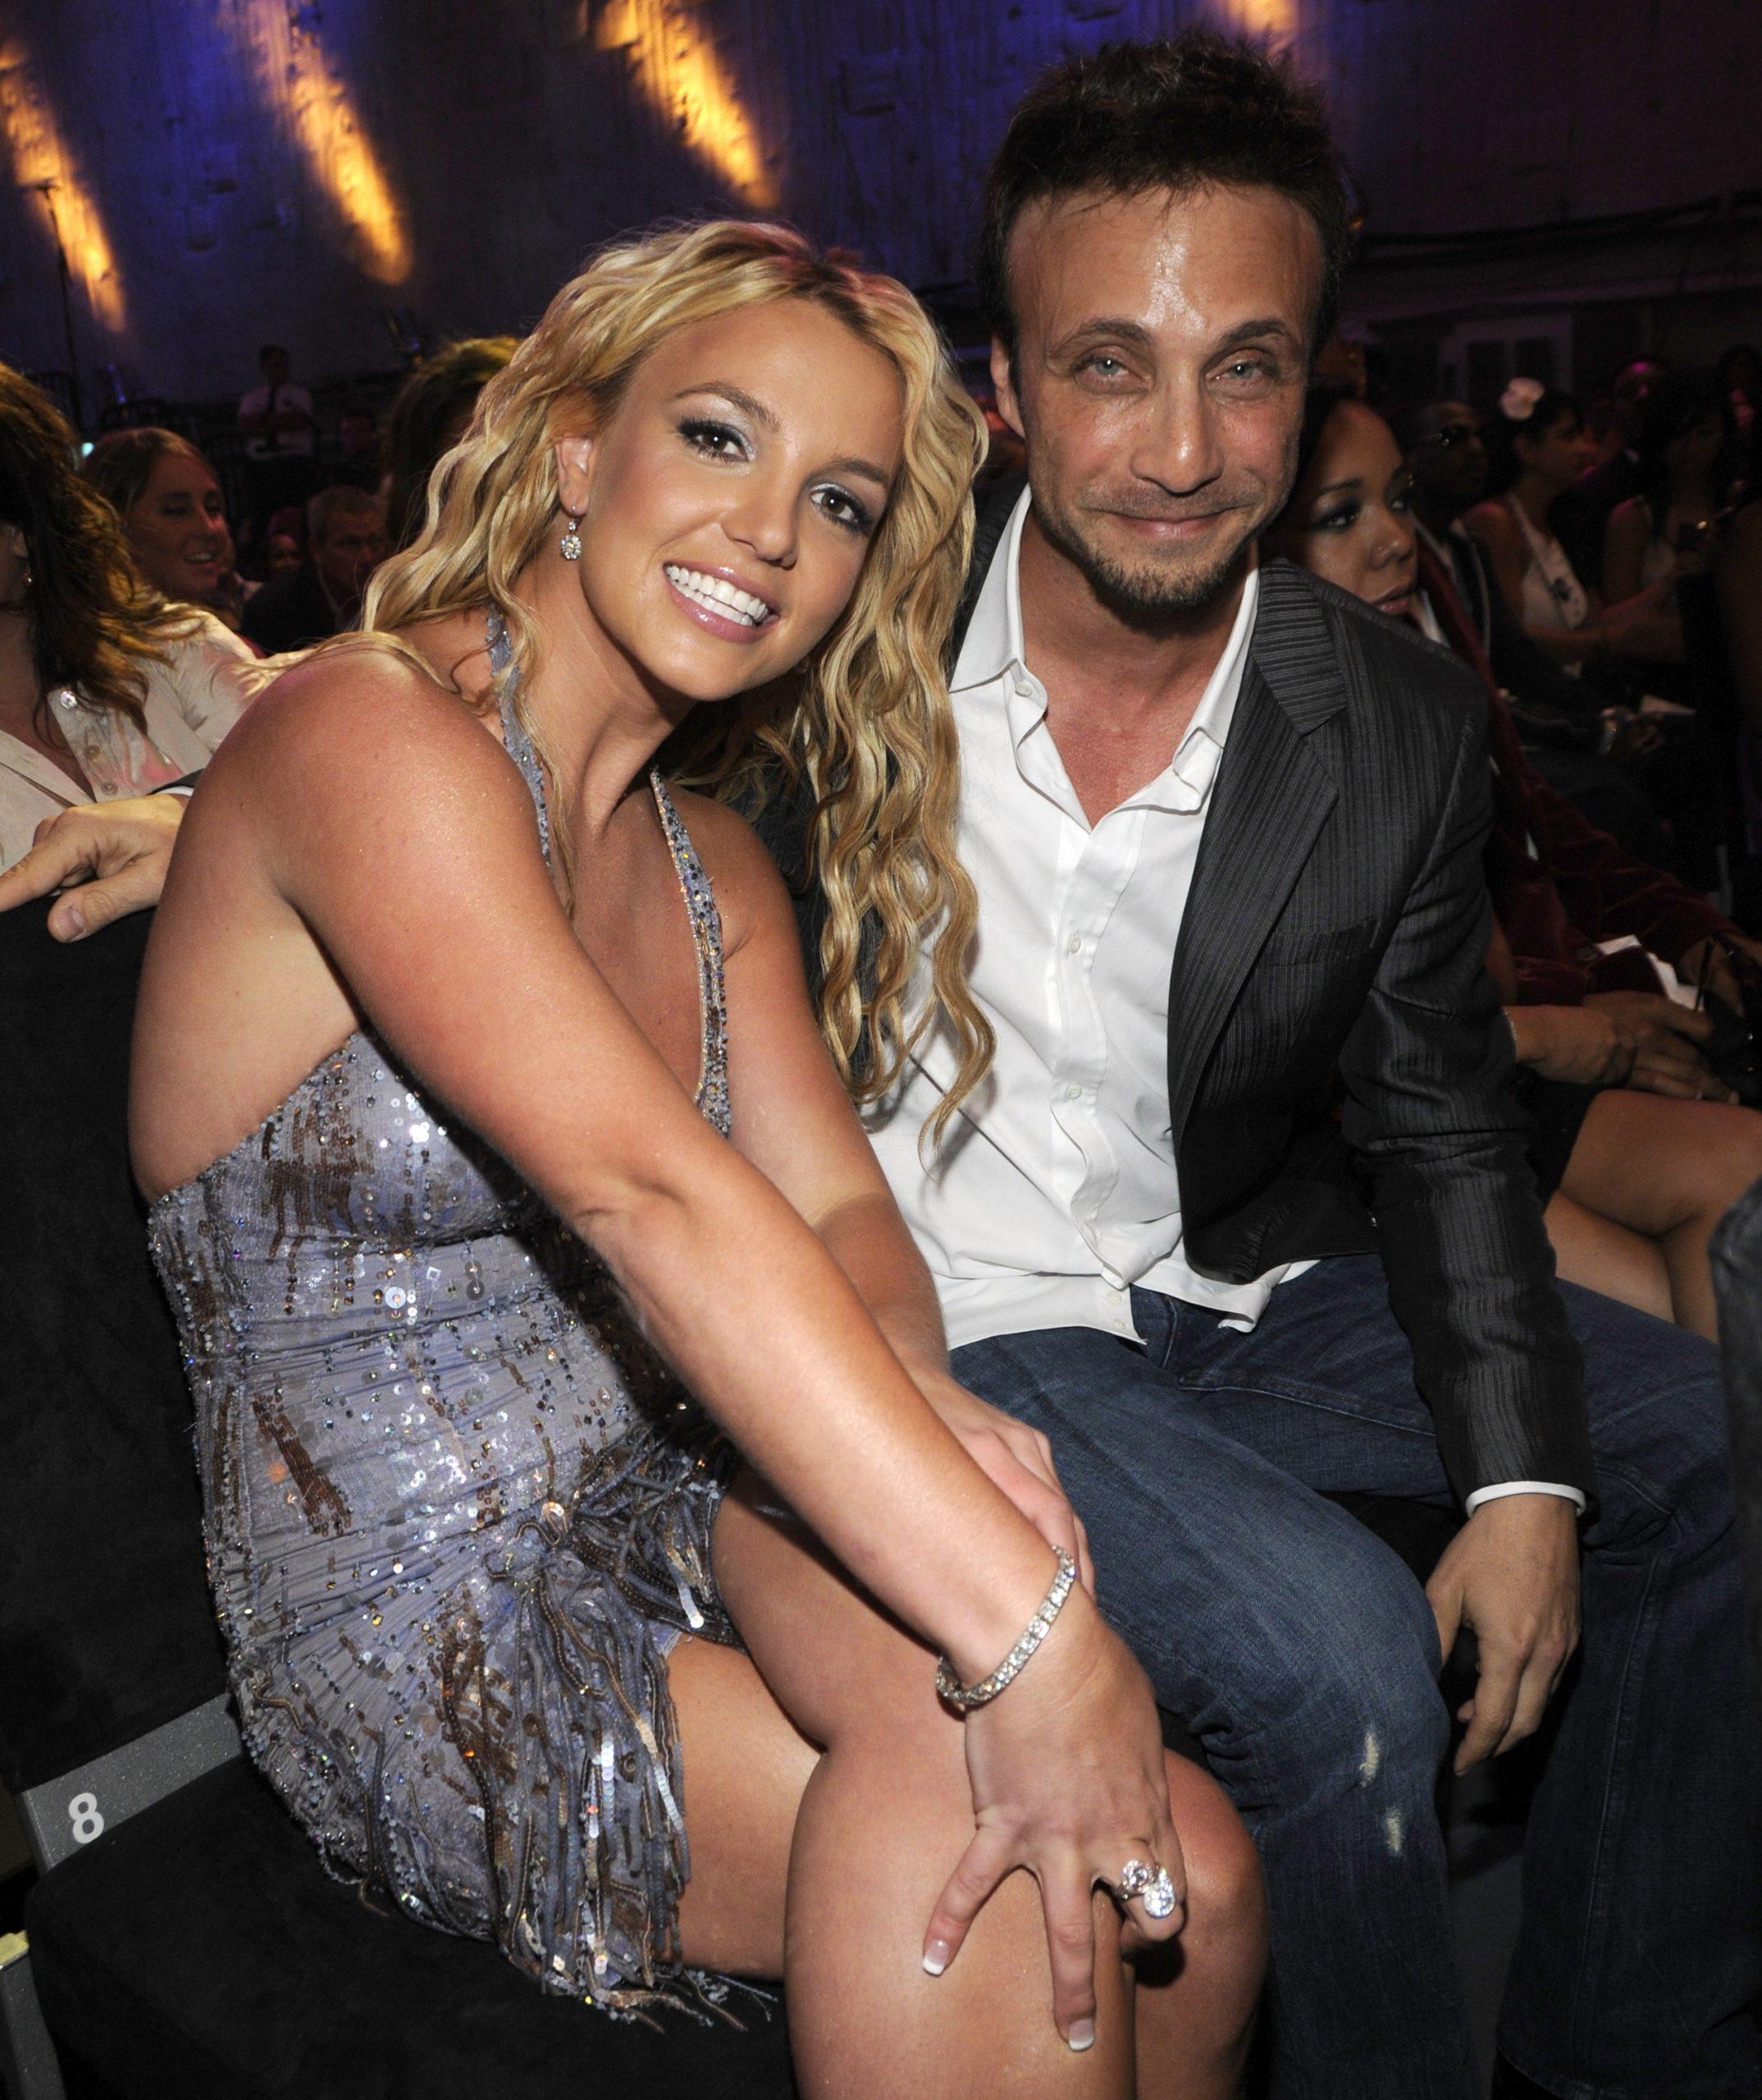 Renuncia el manager de Britney Spears tras enterarse que la cantante quiere retirarse